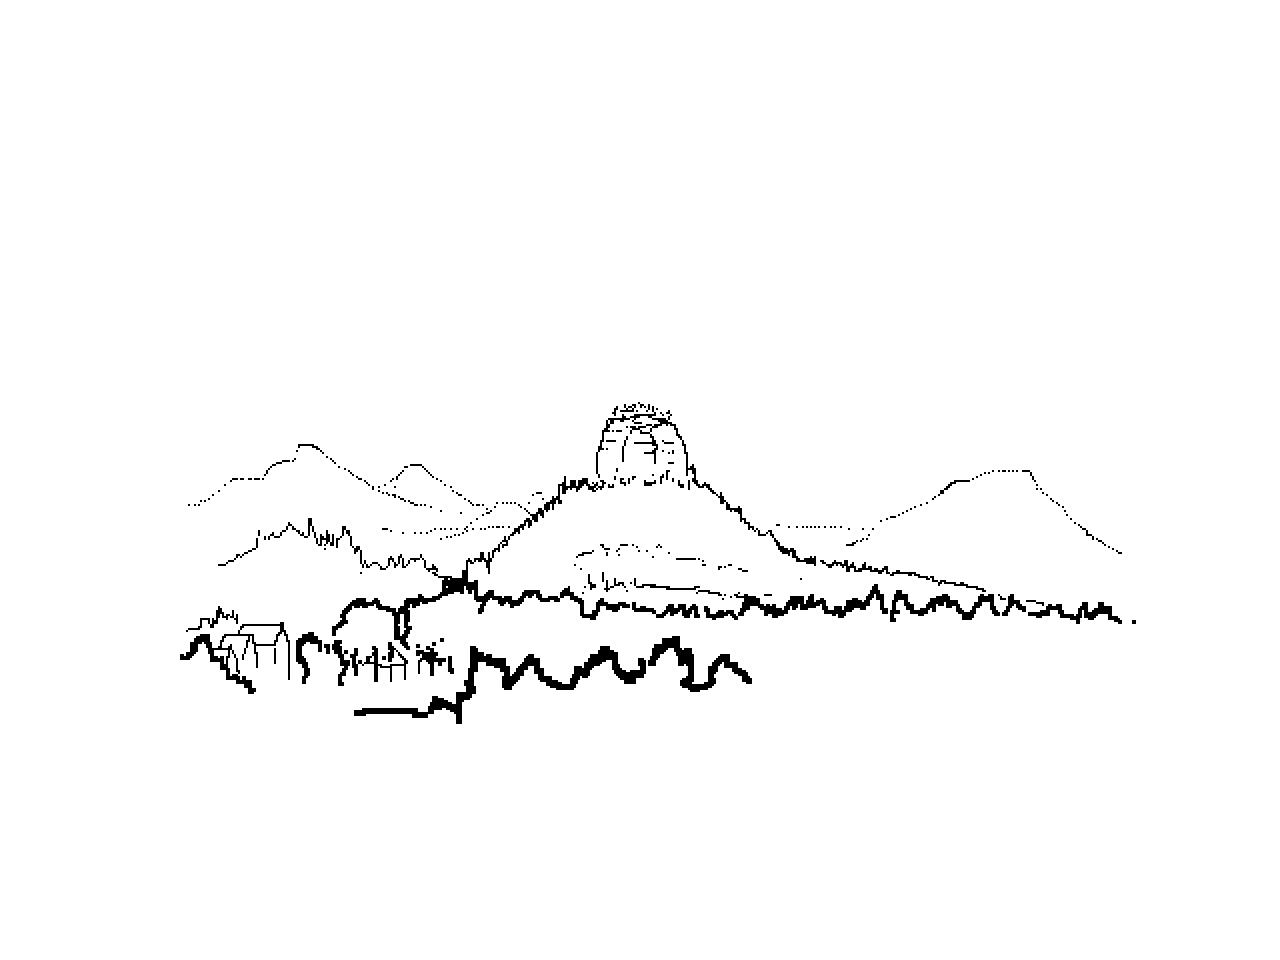 #1156 Elbsandsteingebirge